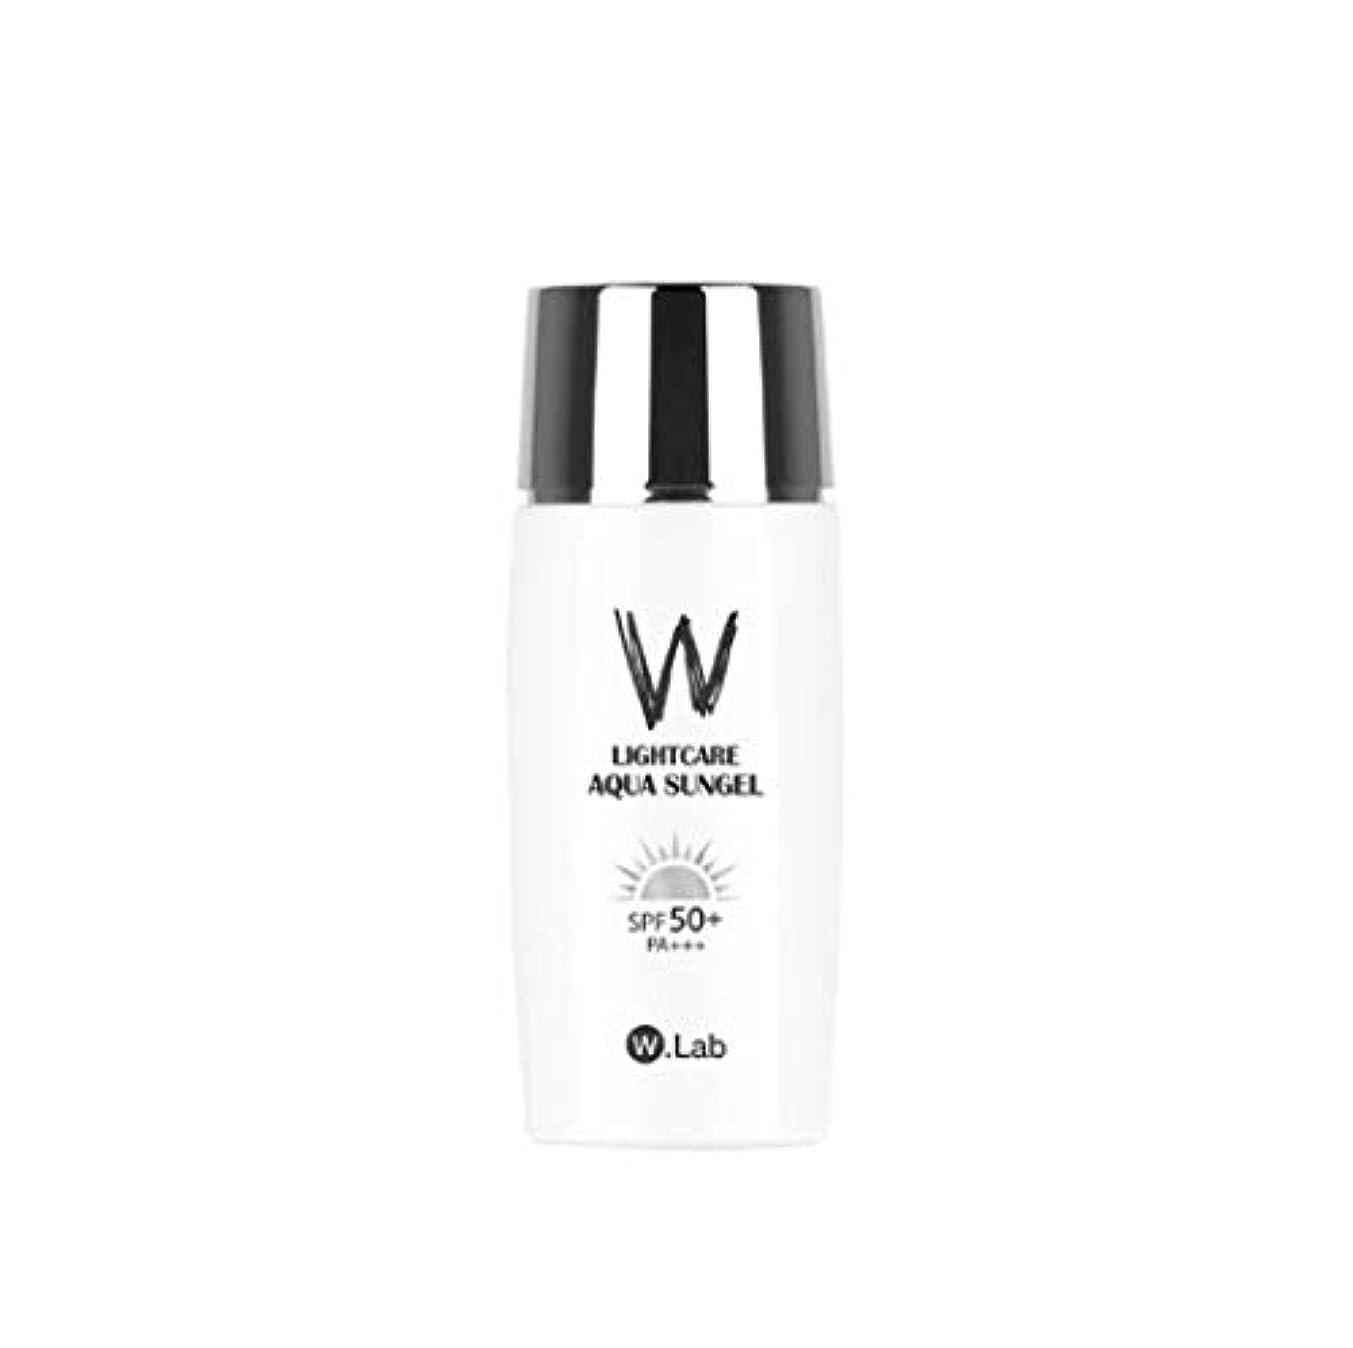 流用する厚くするギャングスターW.Lab Light Care Aqua Sun Gel Sunscreen SPF PA+++ 50+ Daily Care Solution SPF 50 PA+++ Face Body Water Resistant...